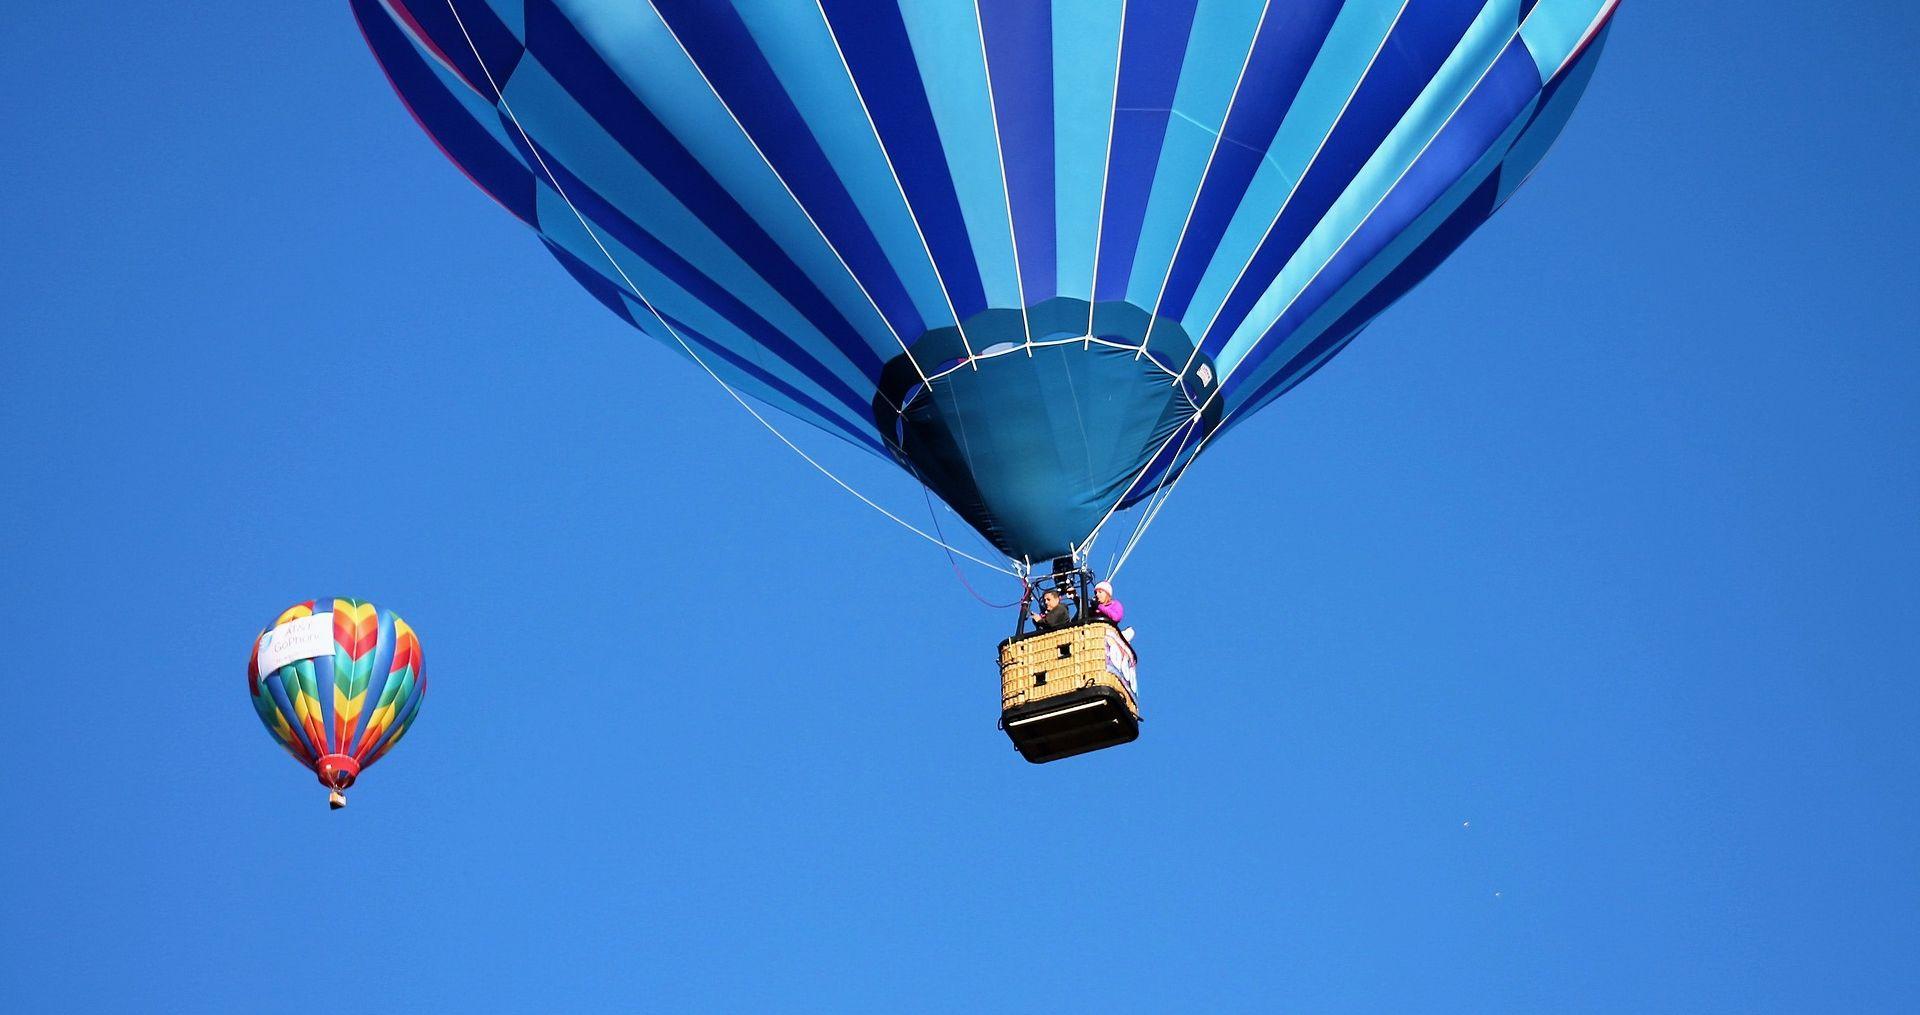 TURSKA Srušila se tri balona na vrući zrak, najmanje 41 osoba ozlijeđena